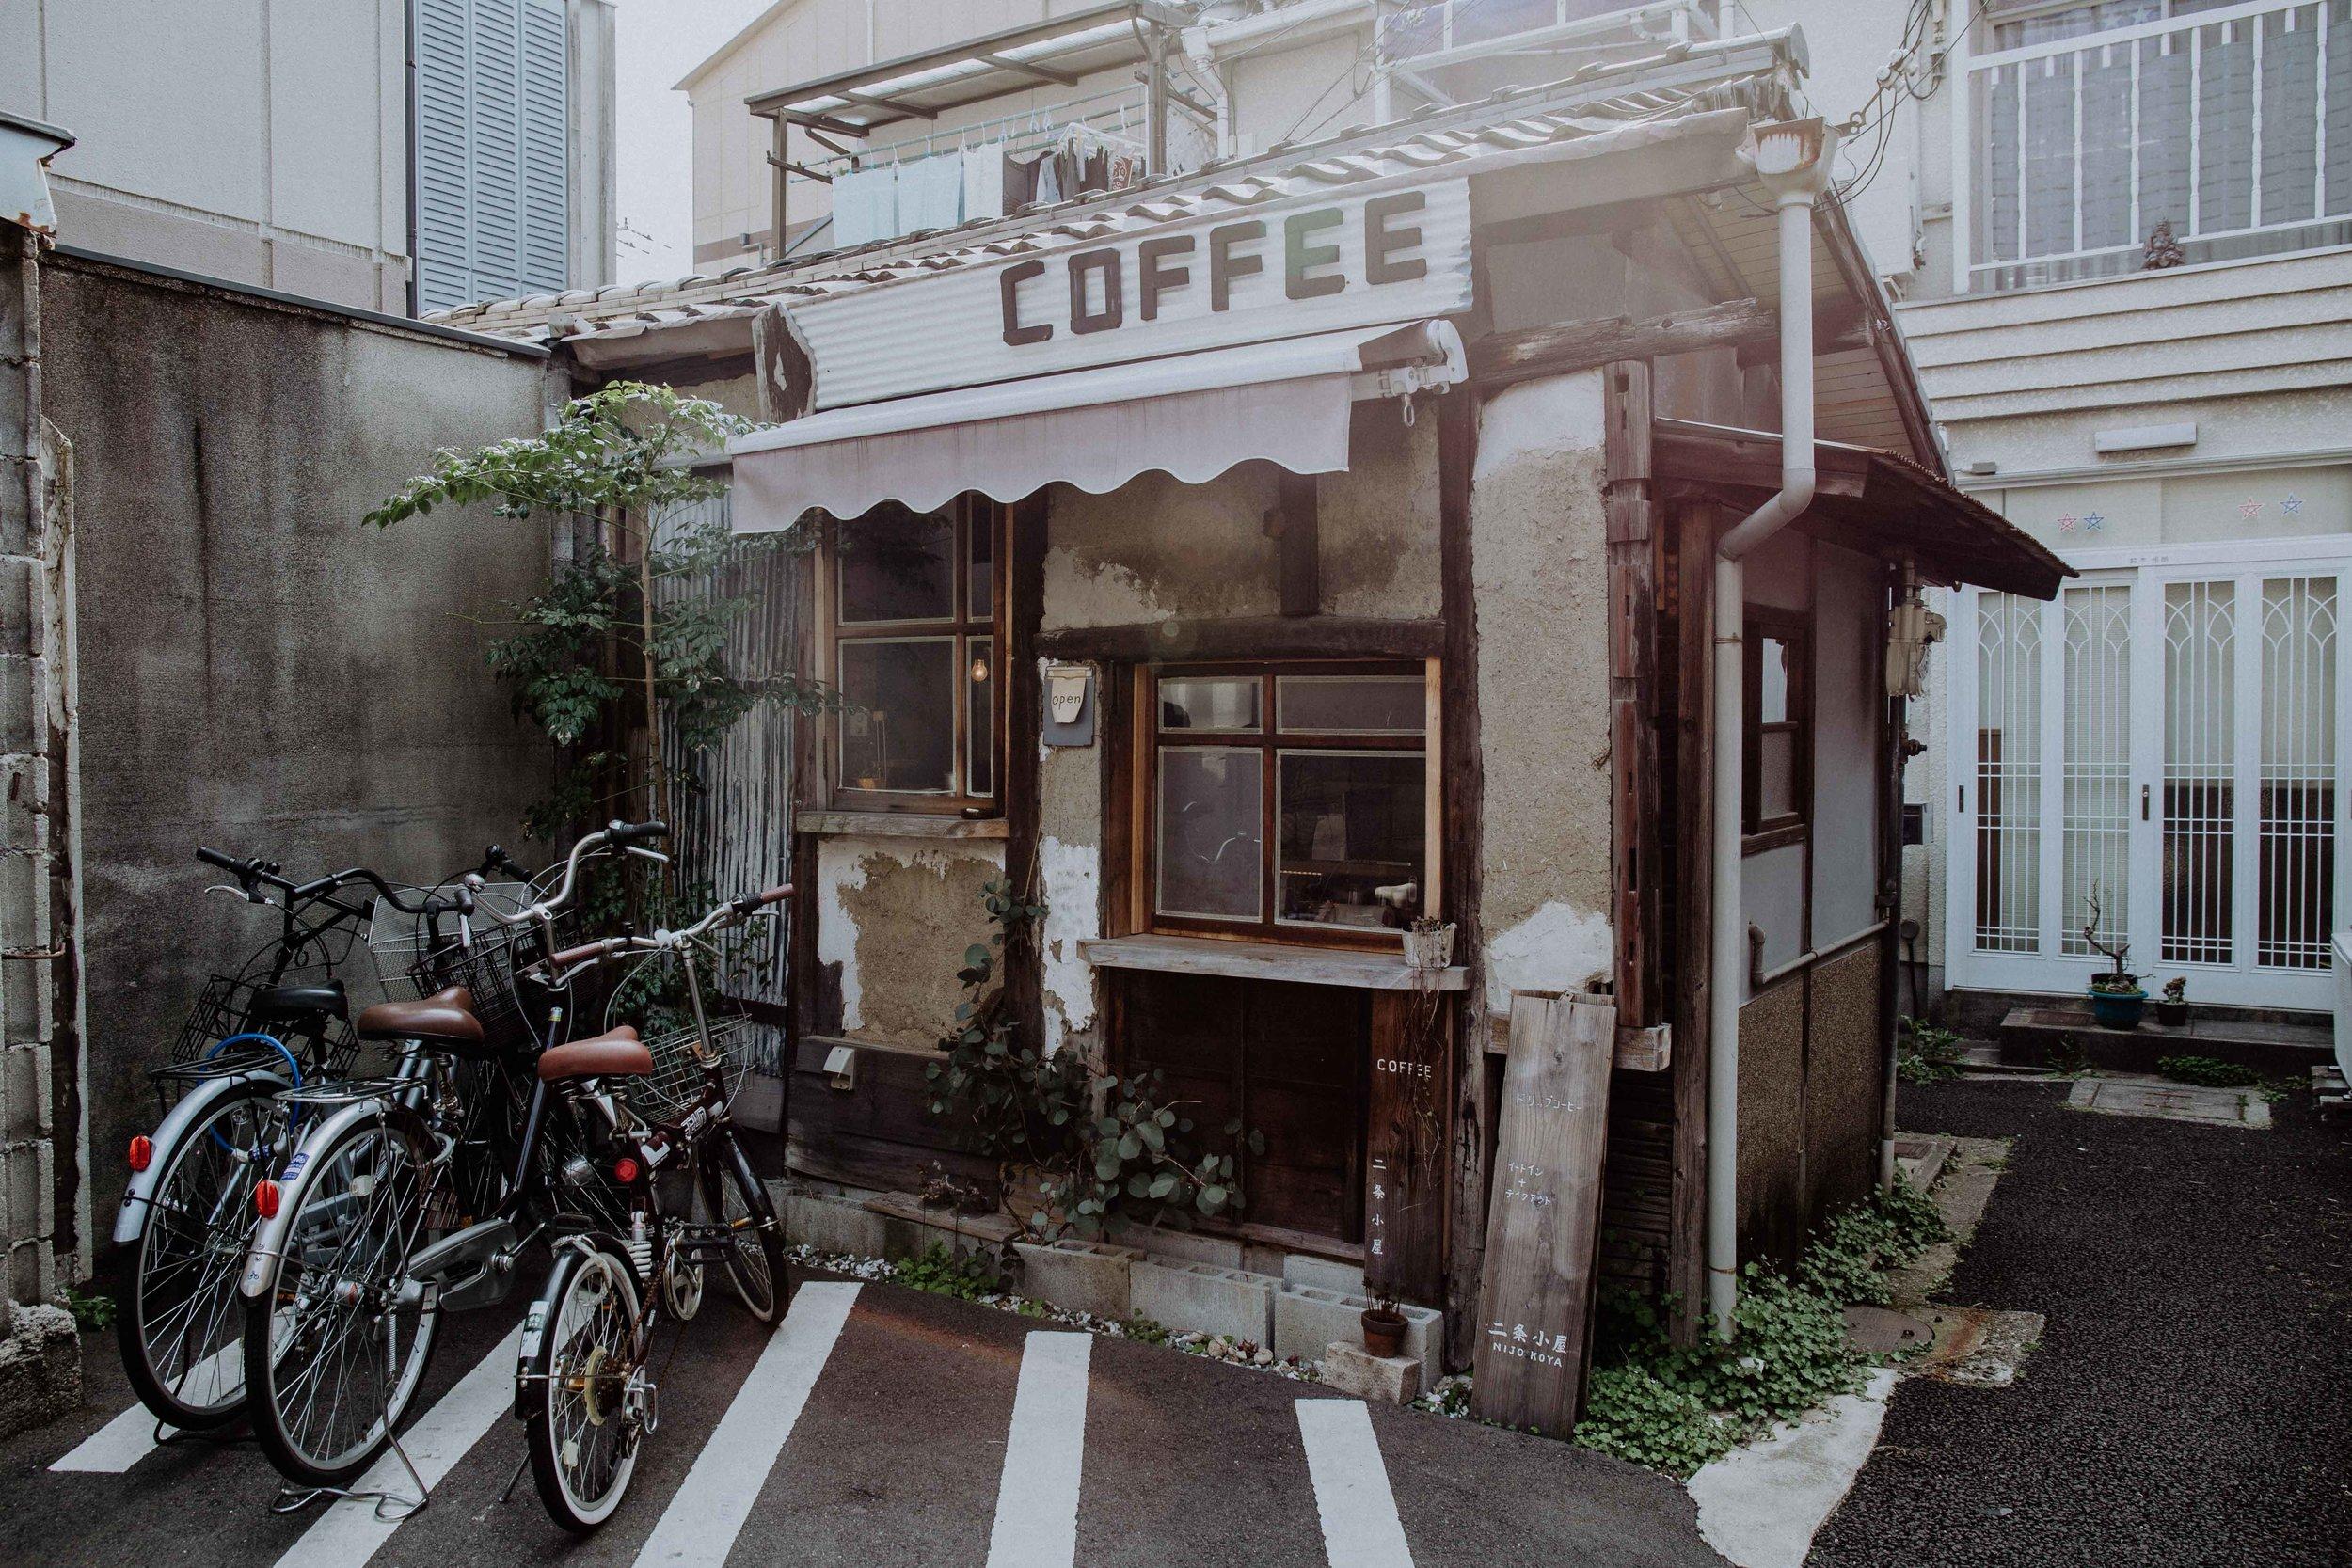 nijo koya specialty coffee shop kyoto